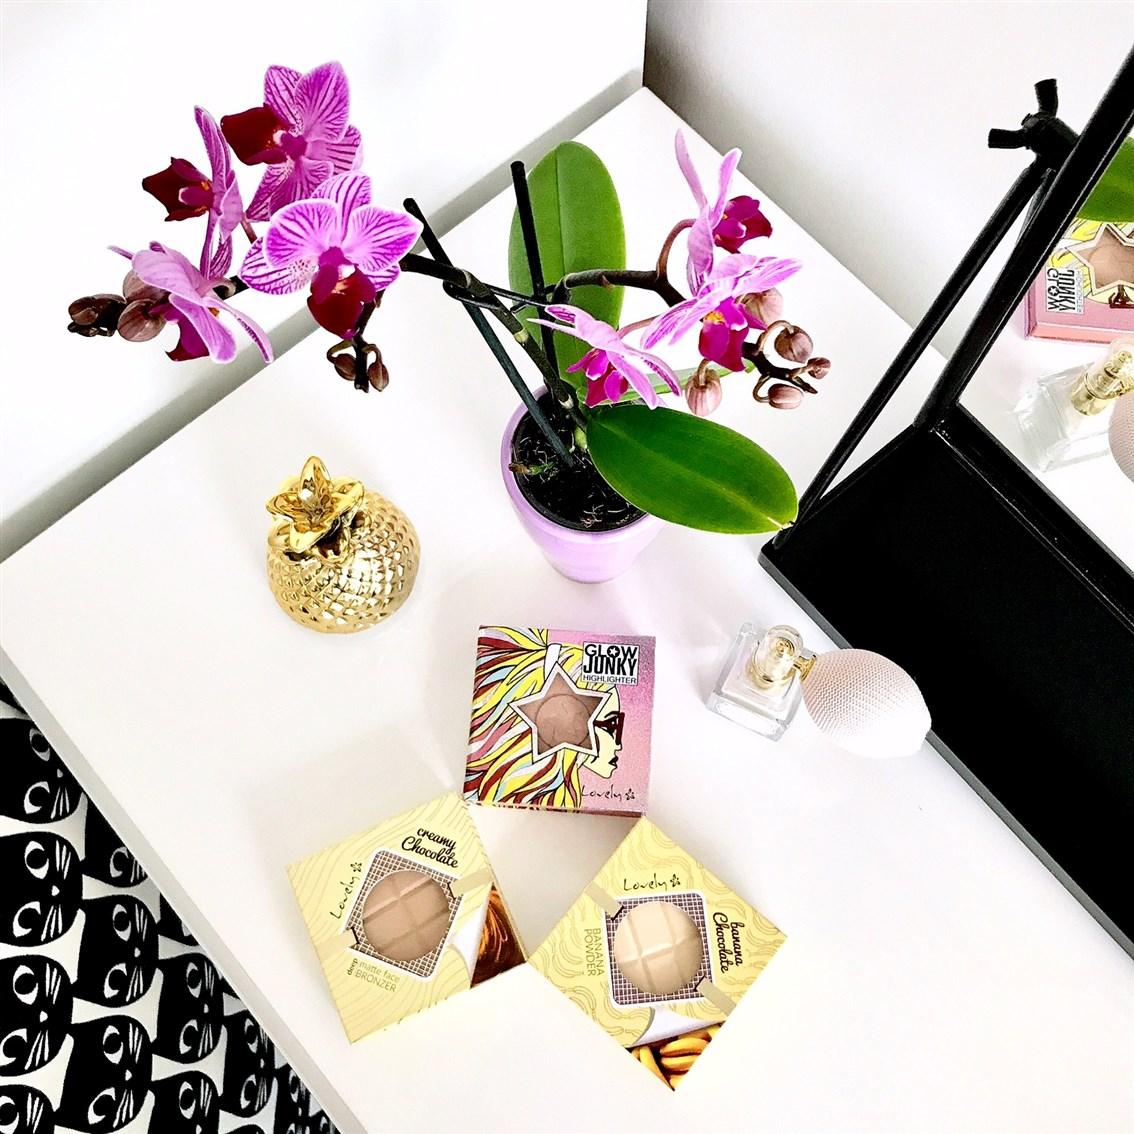 zdjęcie przedstawiające kosmetyki Lovely z Rossmanna